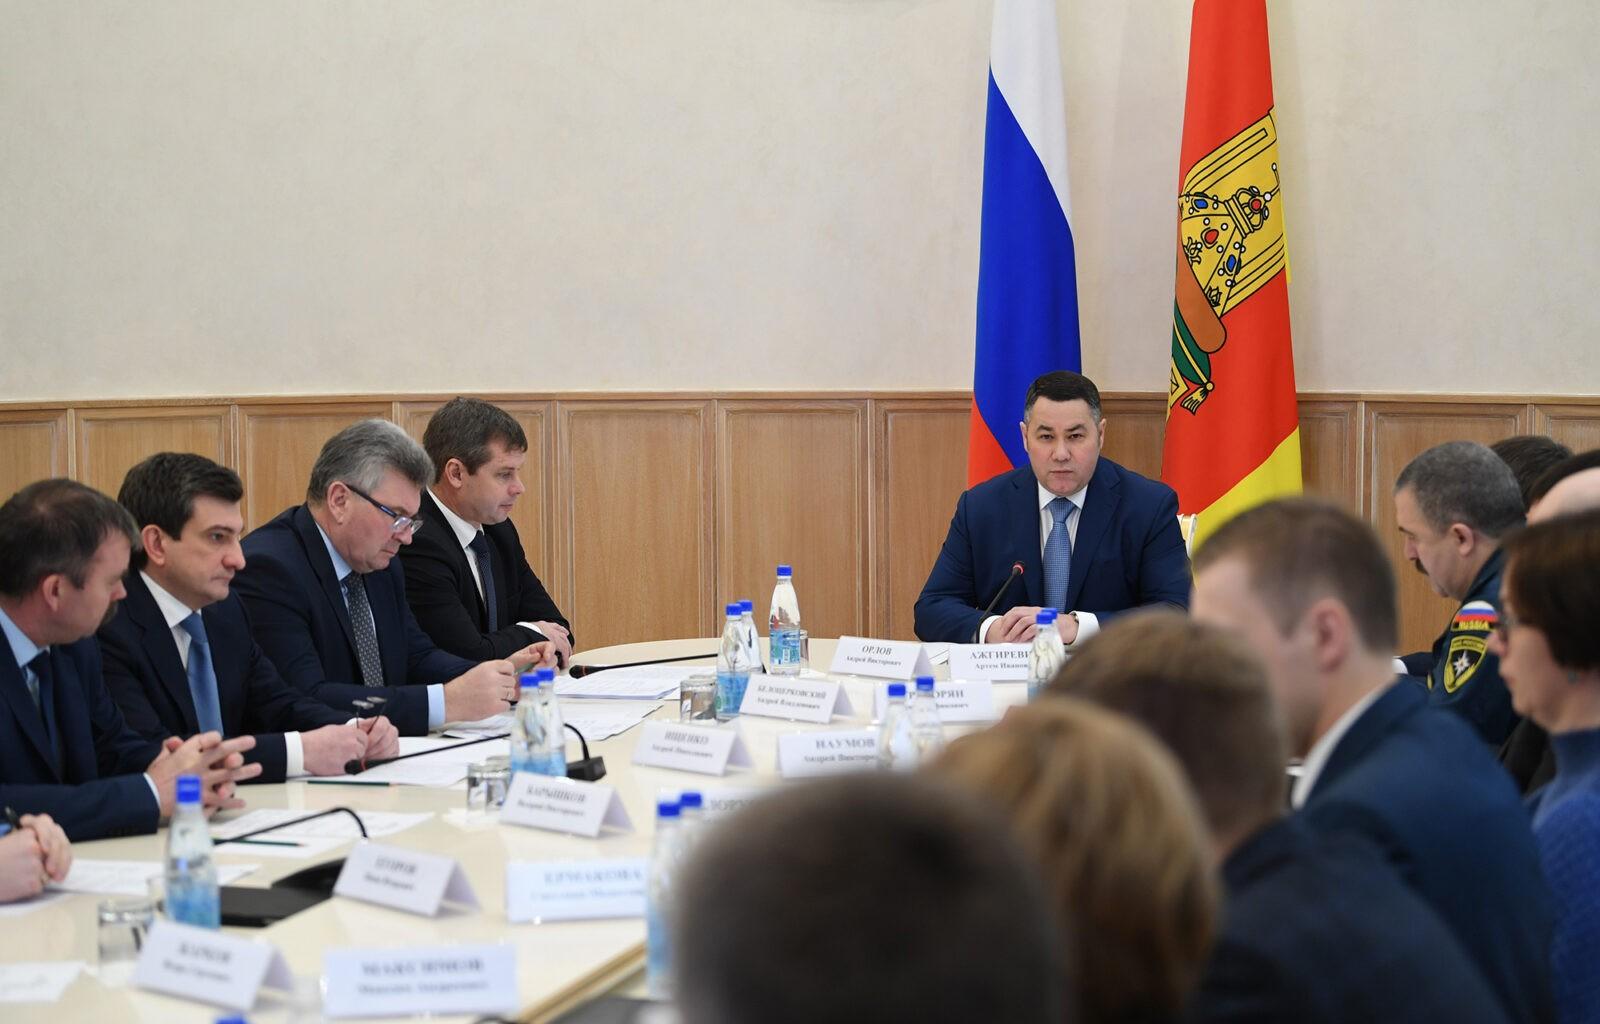 Игорь Руденя обозначил ключевые направления работы в Тверской области в 2020 году